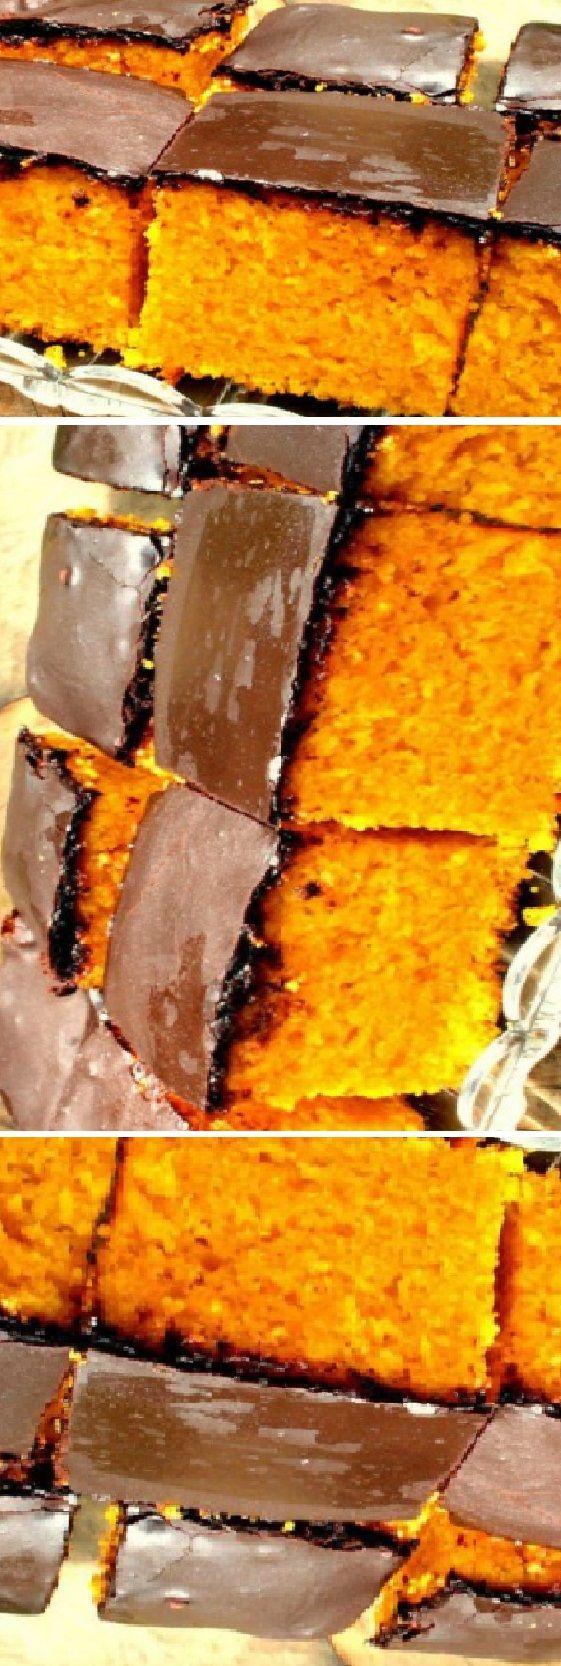 Como Hacer Tarta de Zanahoría PERFECTA con Chocolate! #zanahoria #perfect #postres #receta #recipe #casero #torta #tartas #pastel #nestlecocina #bizcocho #bizcochuelo #tasty #cocina #chocolate #pan #panes Si te gusta dinos HOLA y dale a Me Gusta MIREN …